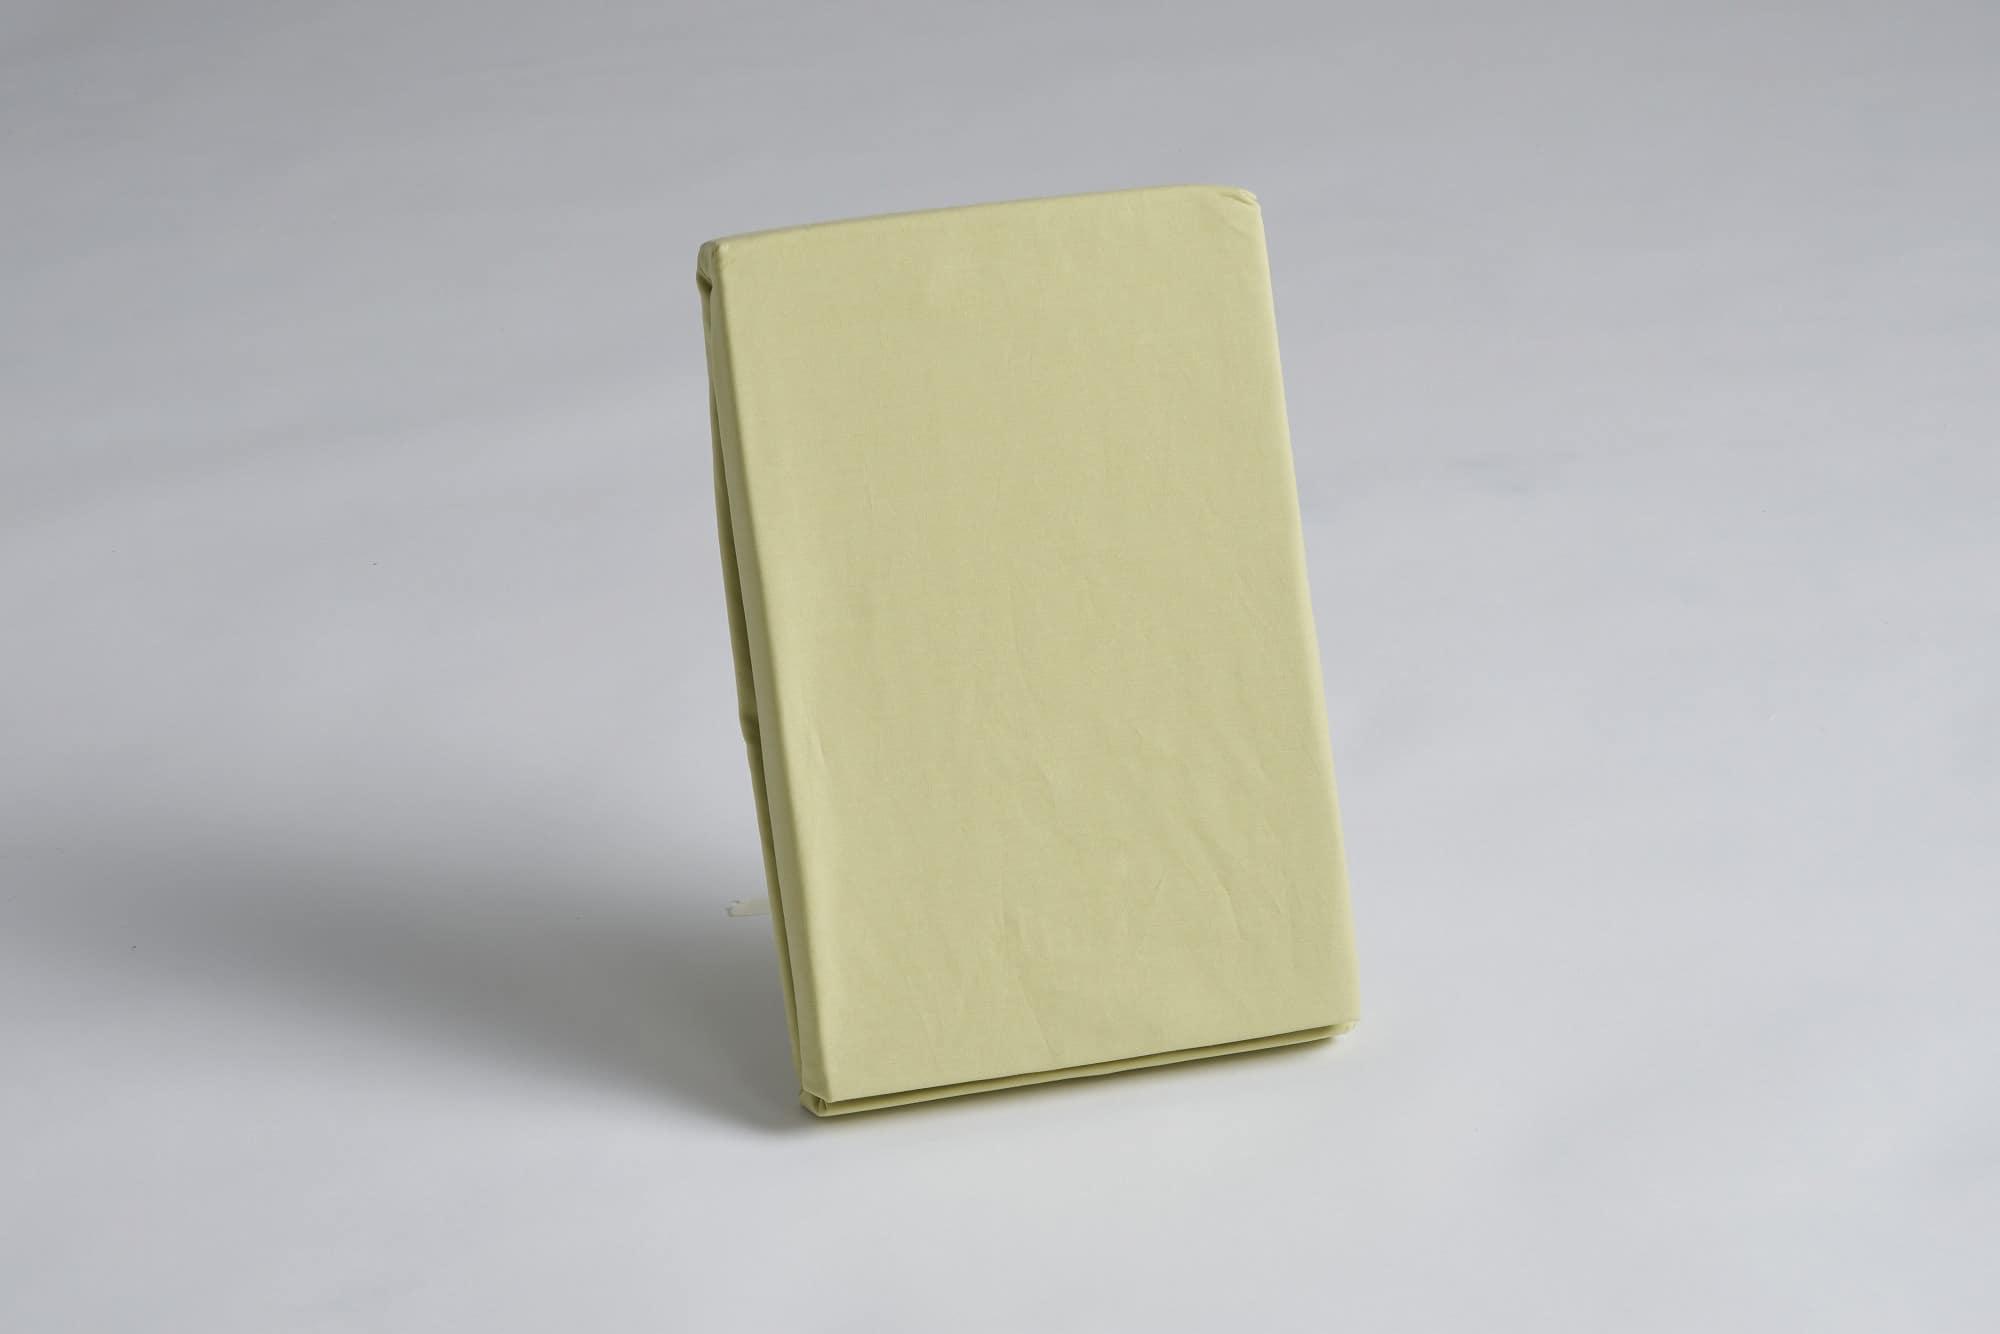 ボックスシーツ シングル用 36H グリーン:《綿100%を使用したボックスシーツ》